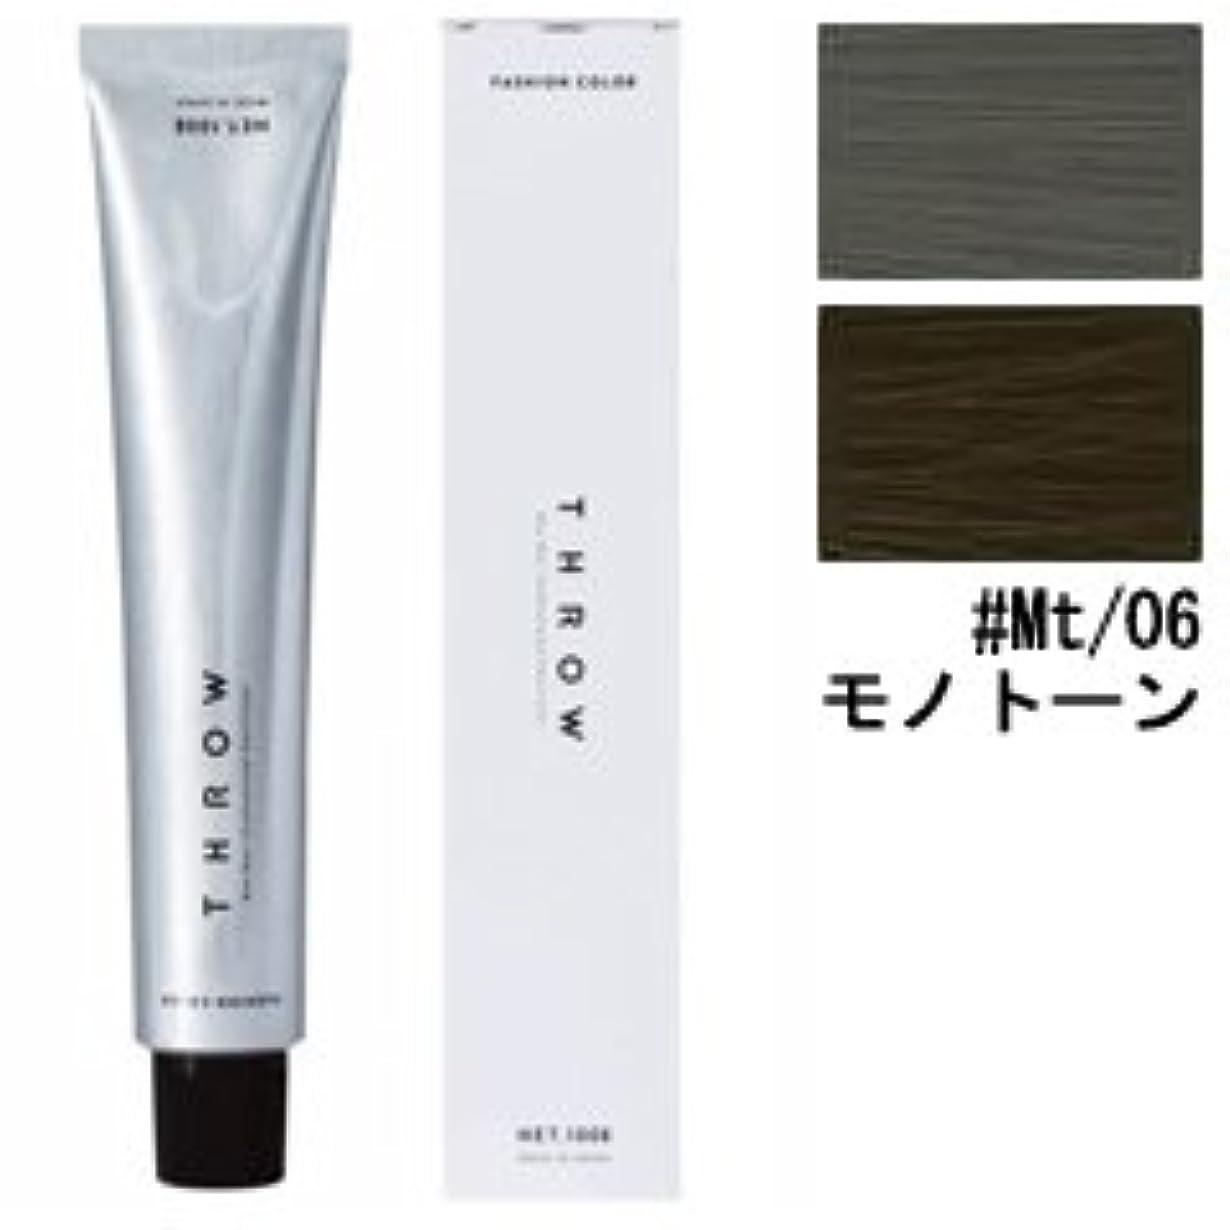 著名な手数料ゆるい【モルトベーネ】スロウ ファッションカラー #Mt/06 モノトーン 100g